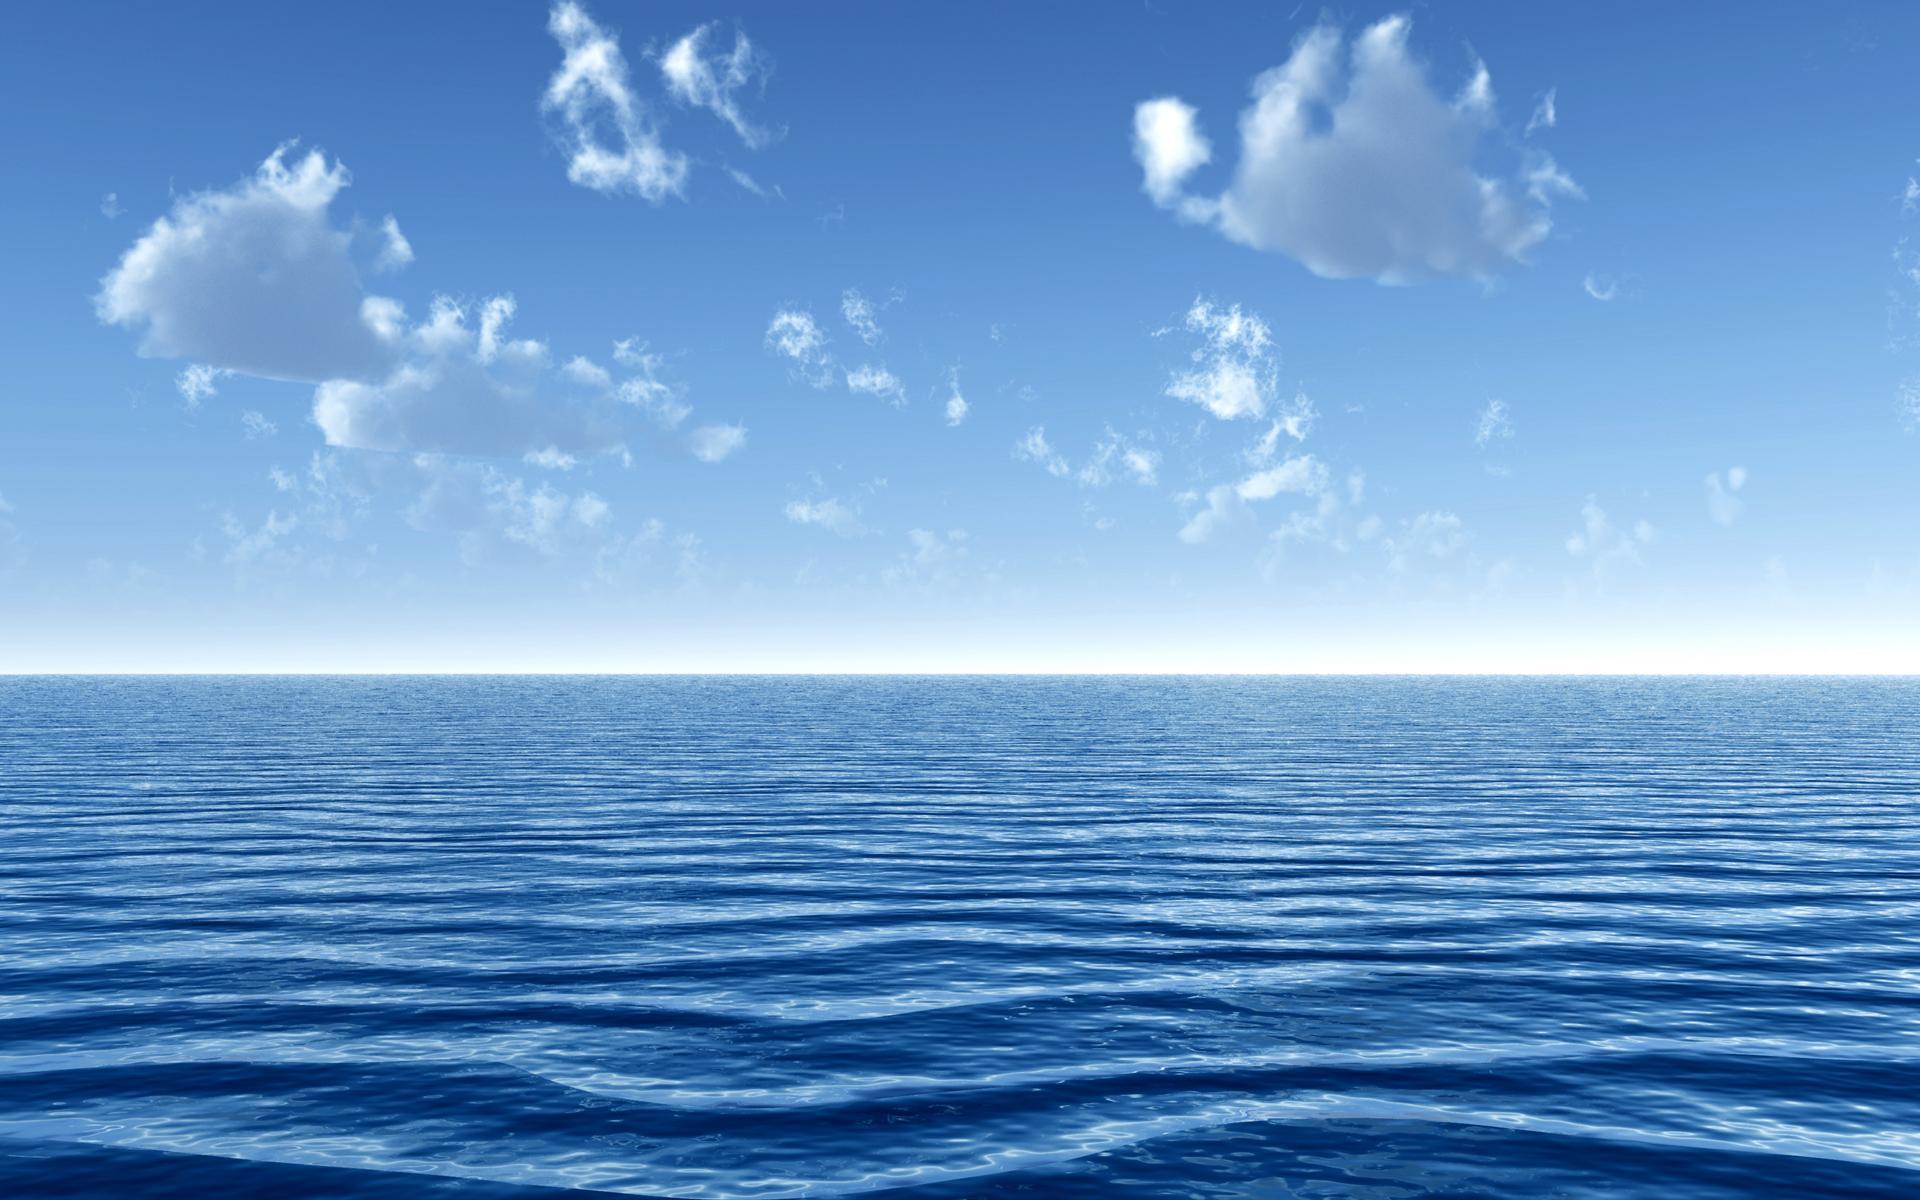 Backgrounds Ocean 1920x1200